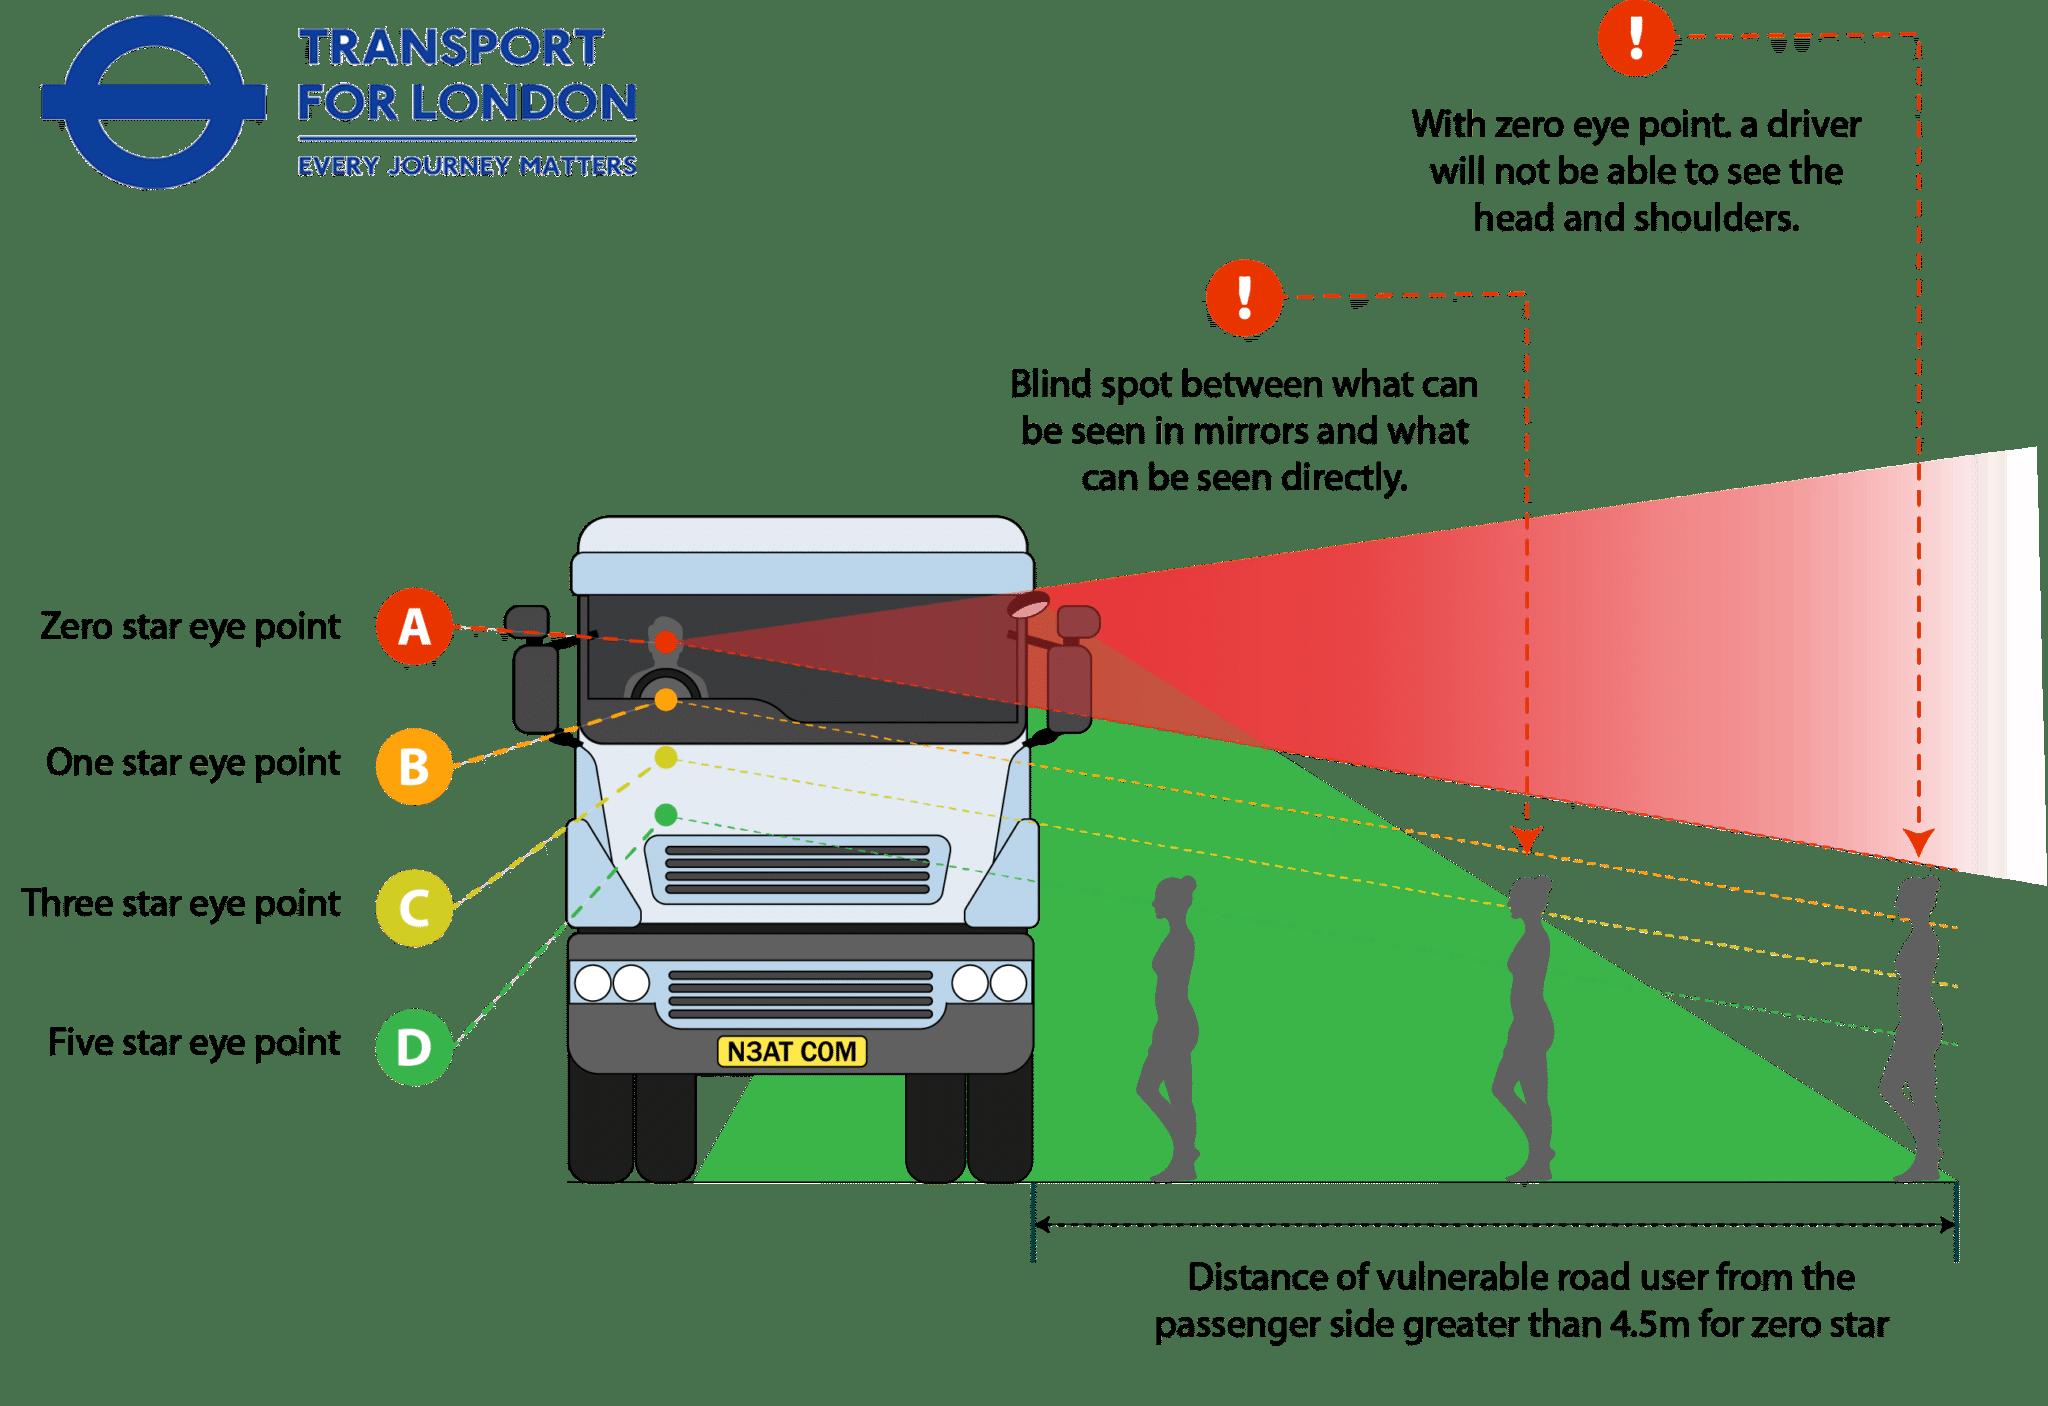 Direct Vision Standard & TFL